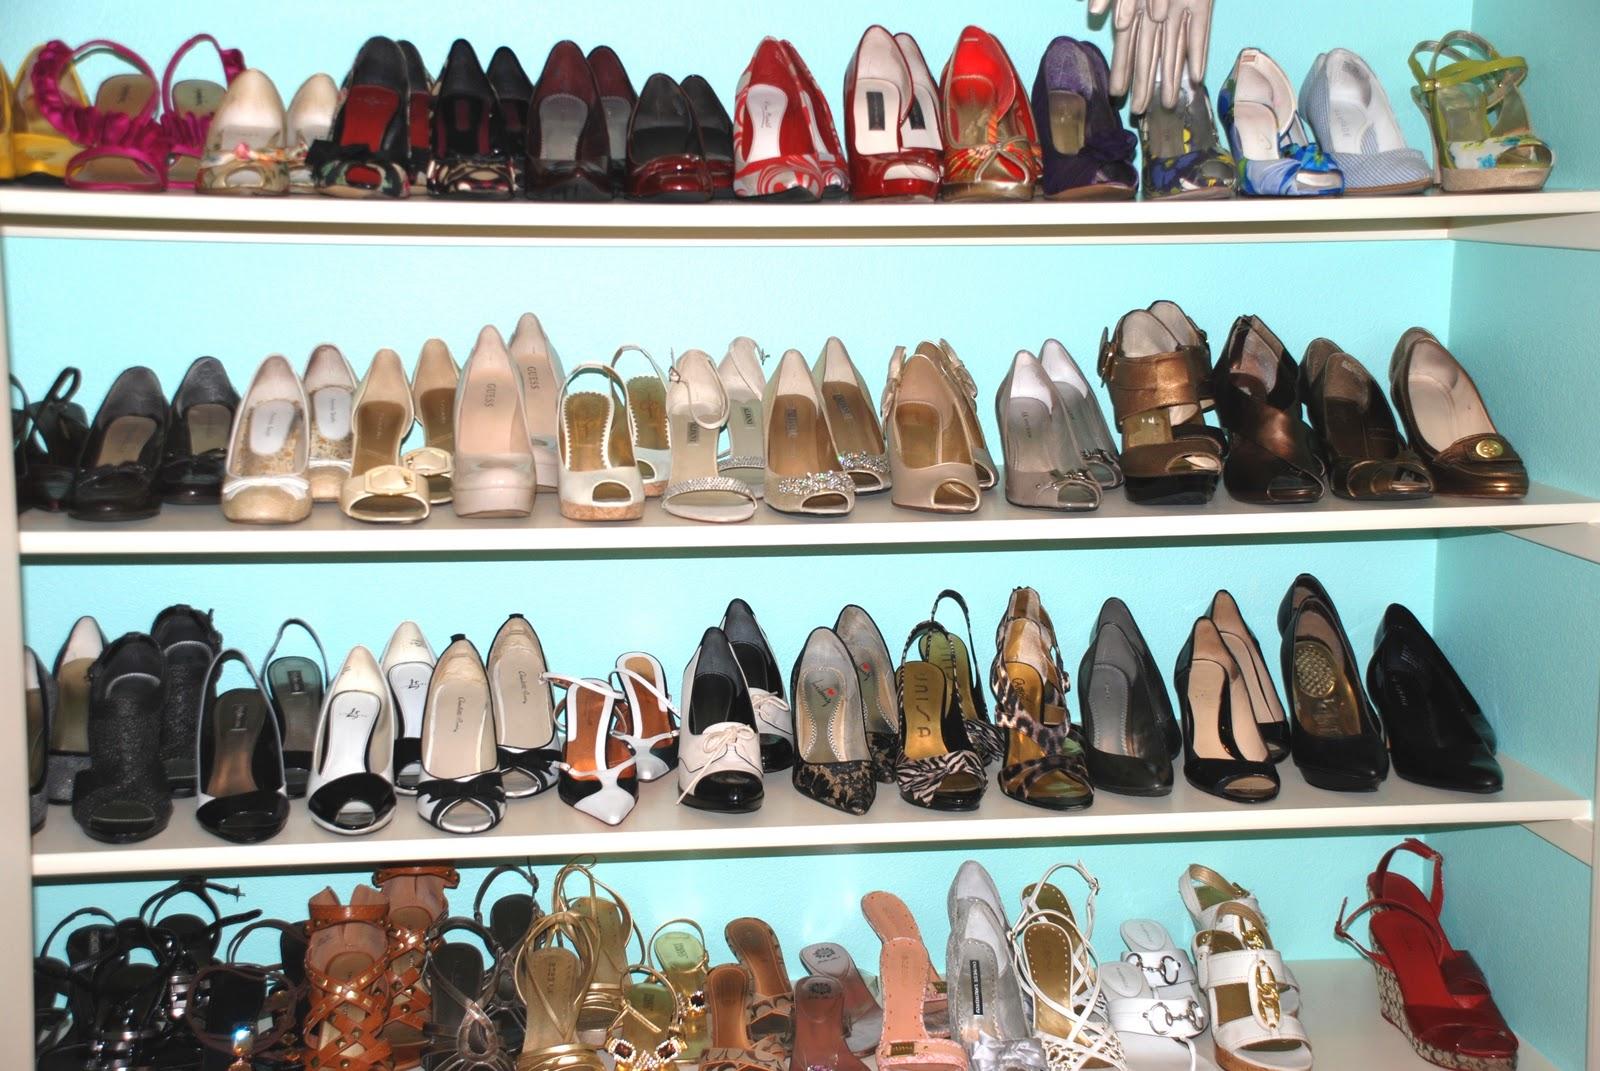 http://3.bp.blogspot.com/_xKkxqBBwRO0/TUhDYfv8hpI/AAAAAAAAAno/I5oy71gdqHA/s1600/shoe%20closet%20005.jpg